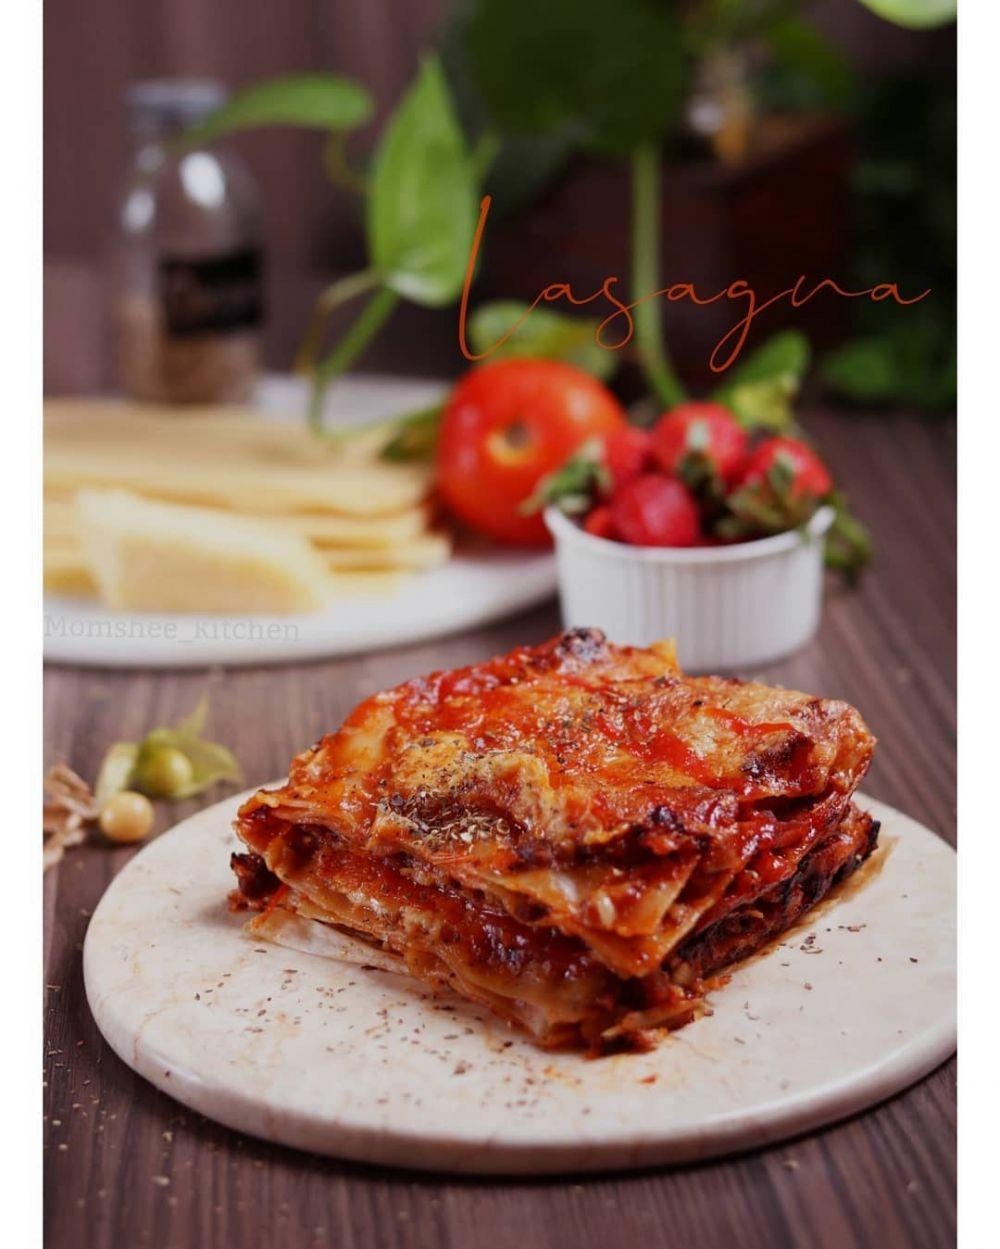 Resep dan cara membuat lasagna Instagram